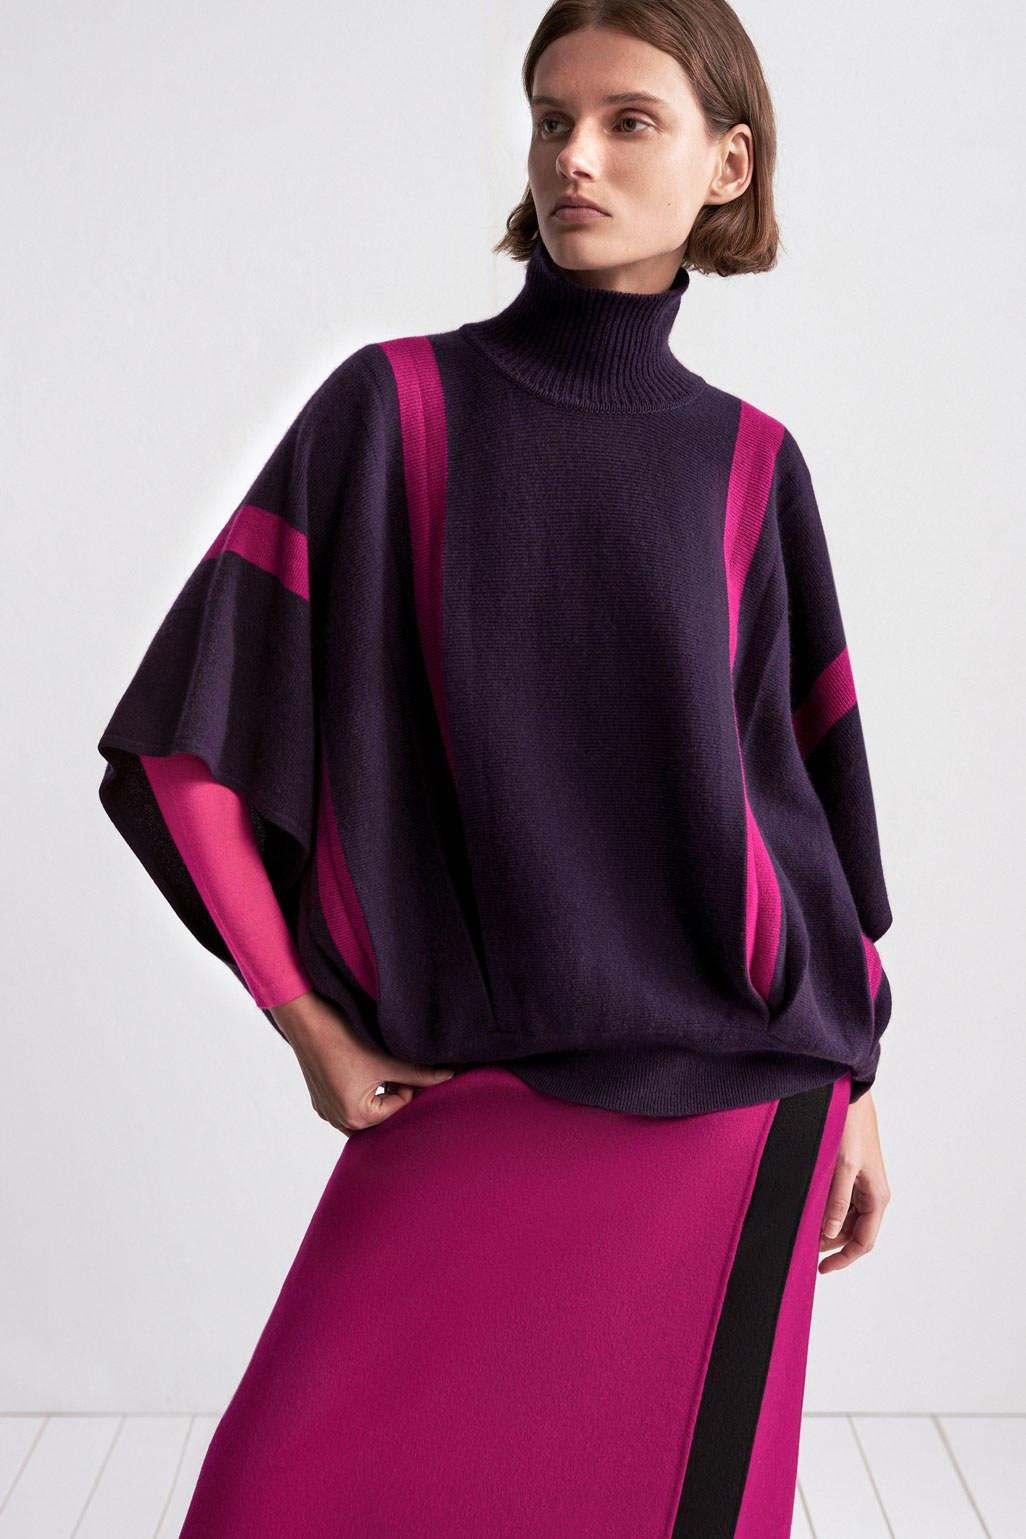 TSE 2 темно-фиолетовая трикотажная кофта с полосами малинового цвета 2019 с юбкой малинового цвета